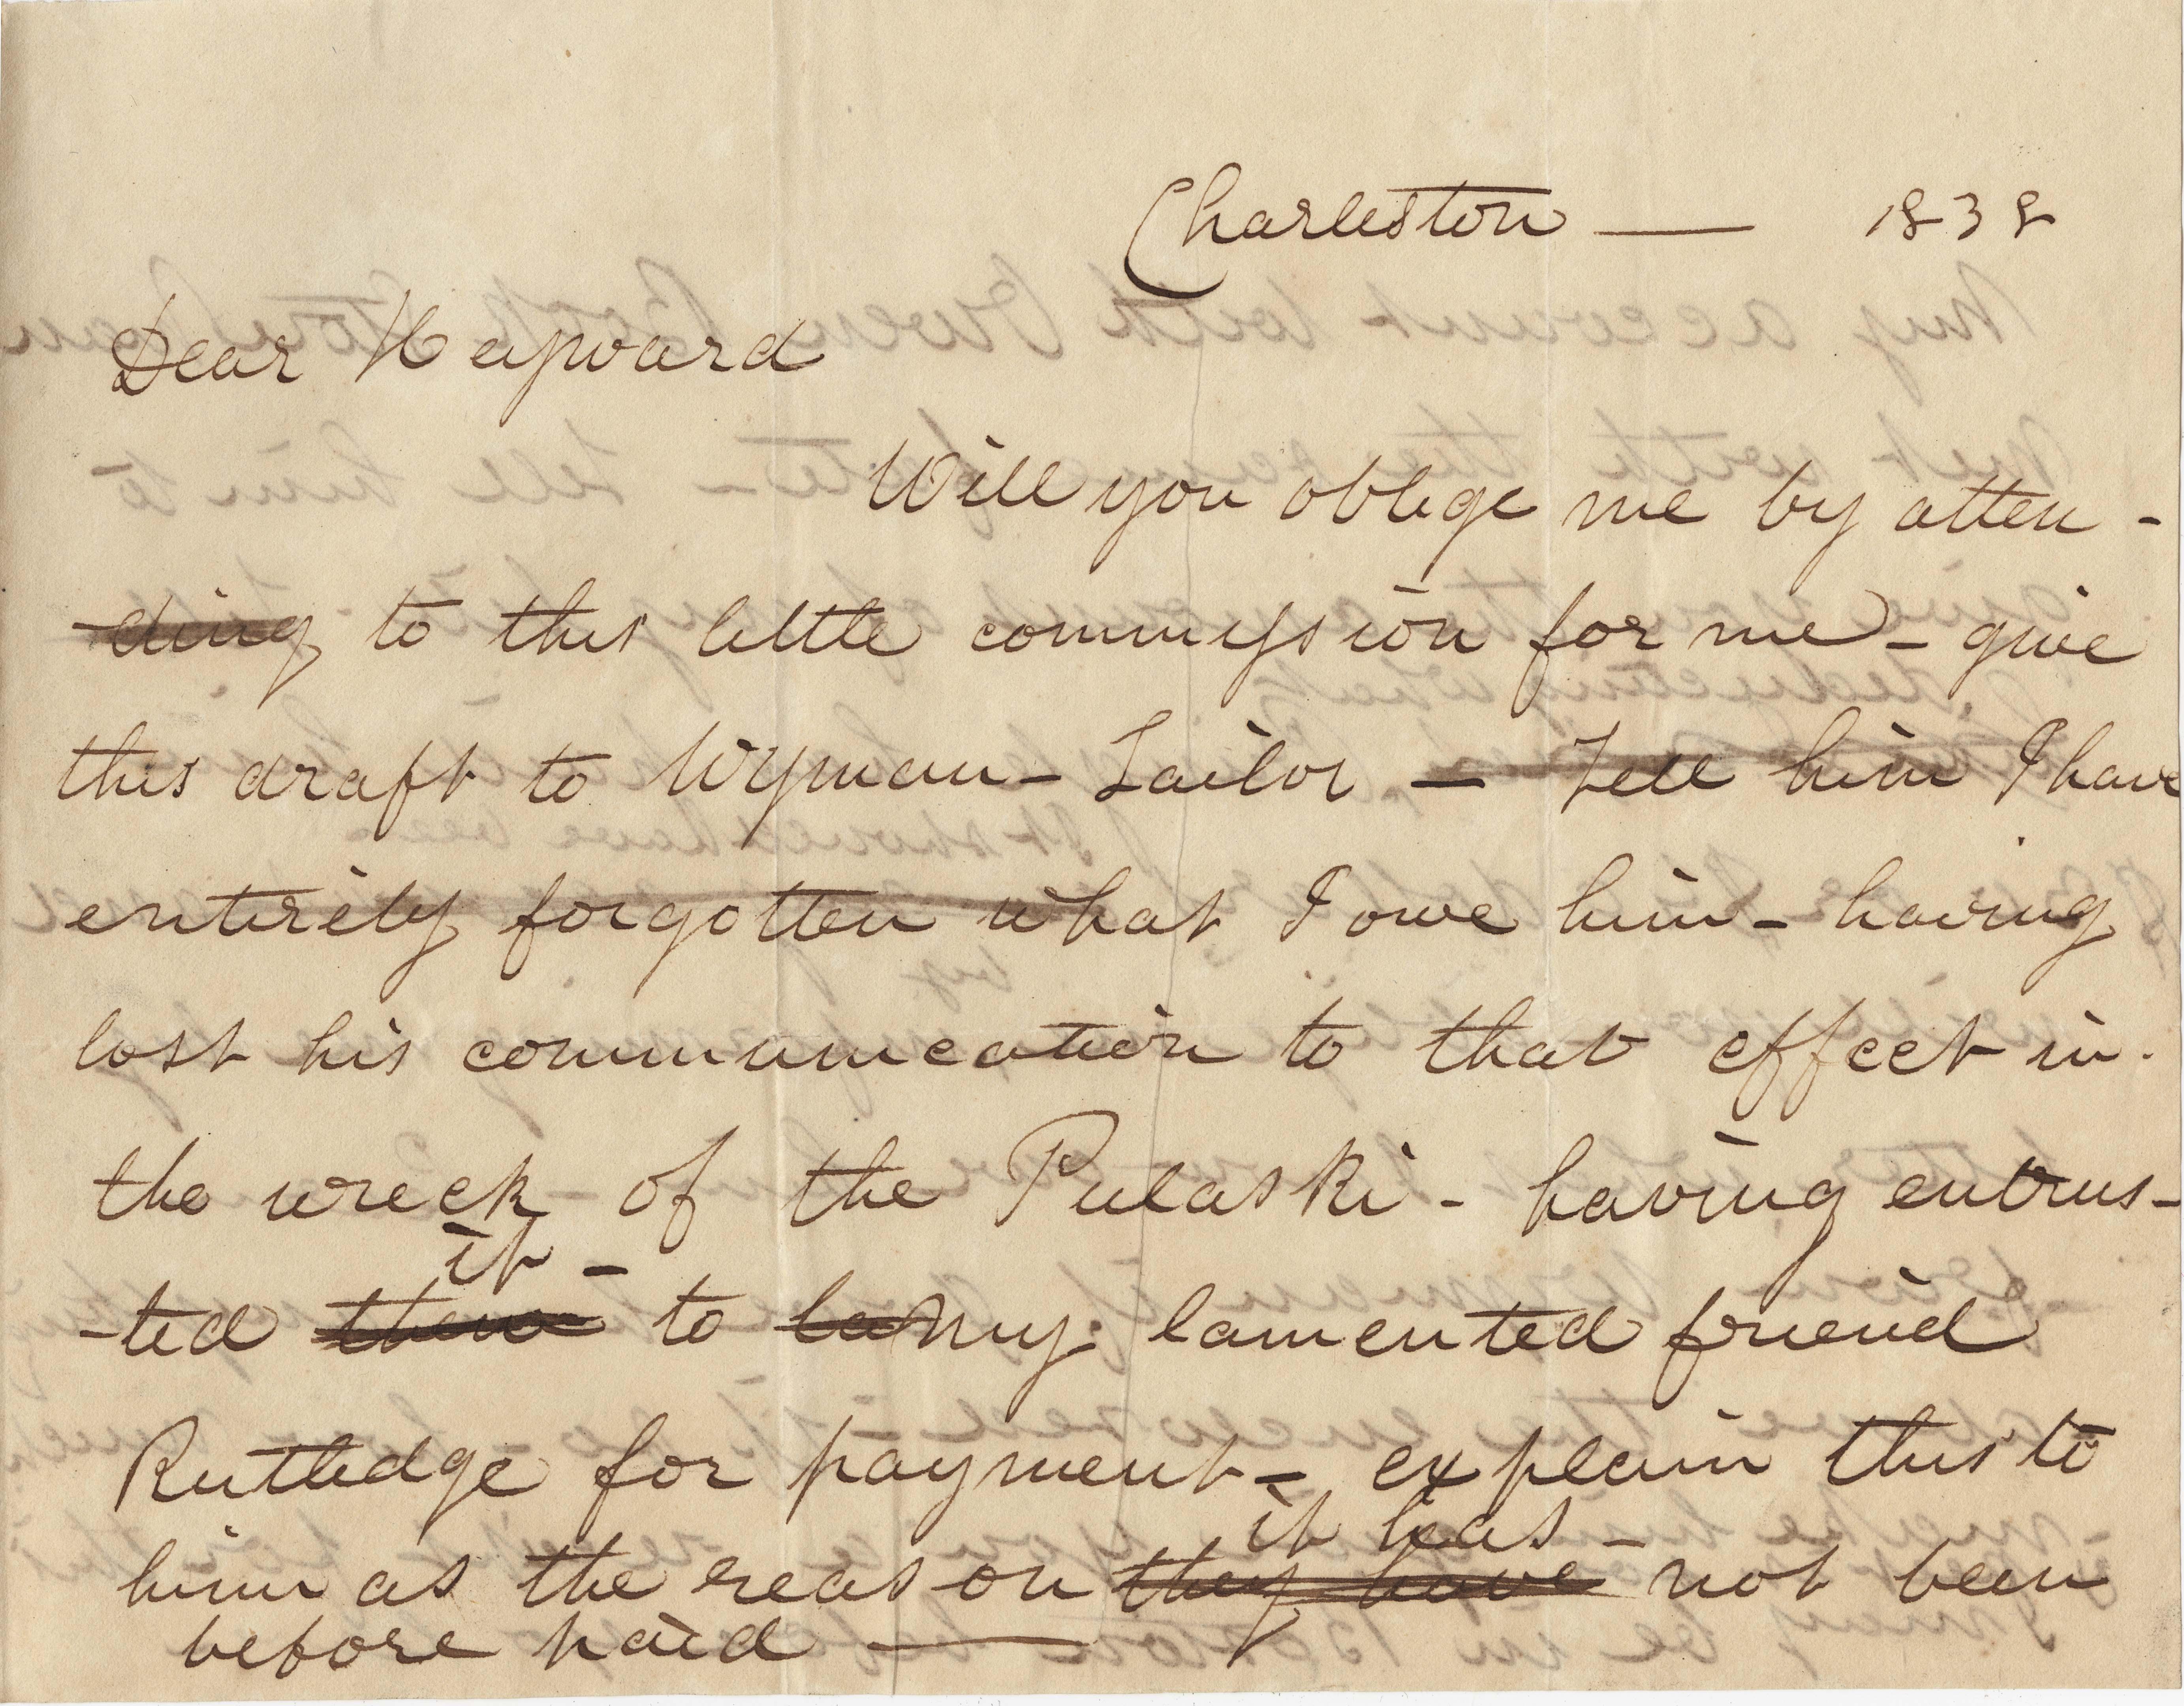 067. J. Harleston Read to James B. Heyward -- 1838